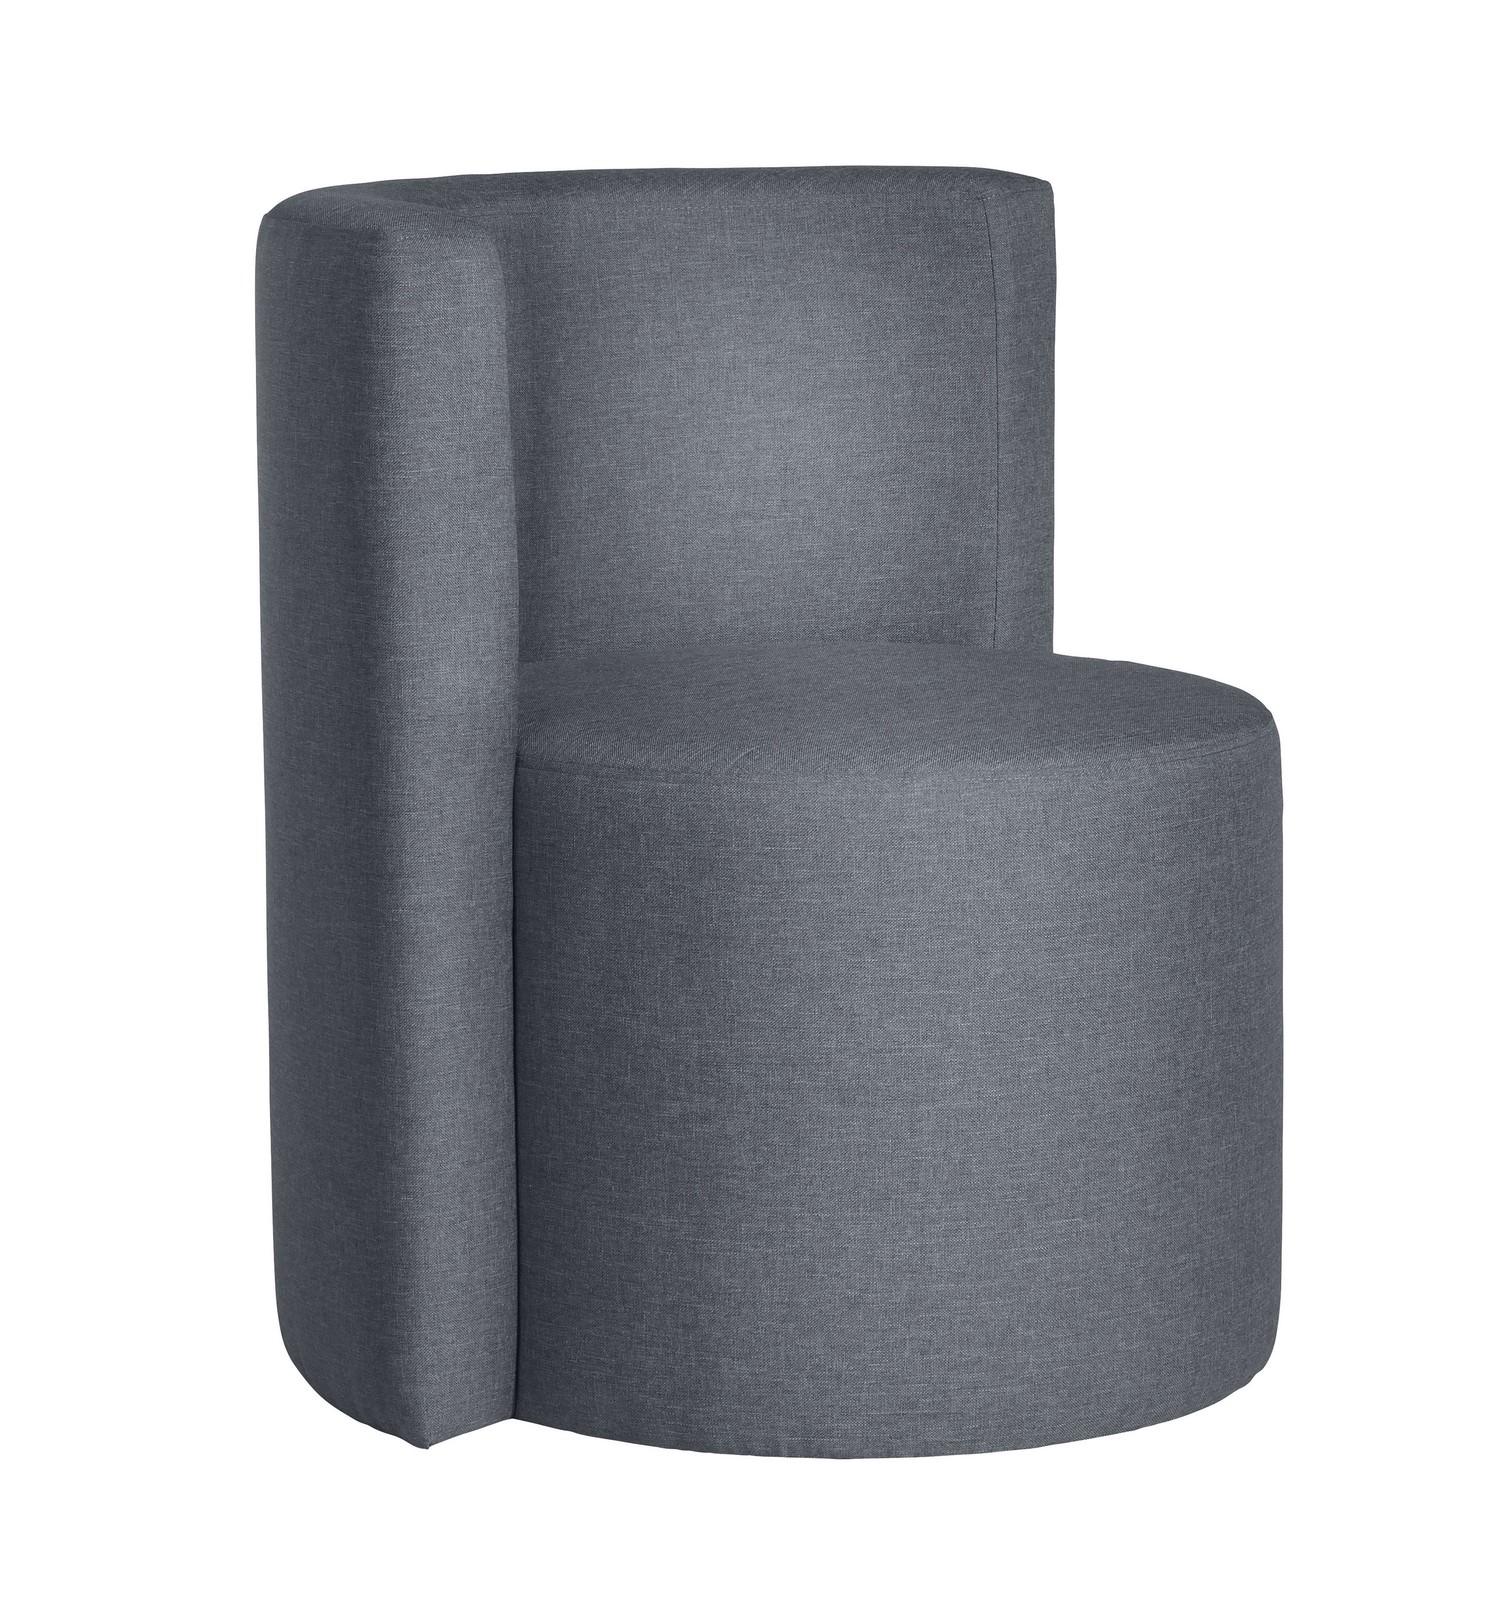 Sessel Circulum - außergewöhnliche Form - 100% Design